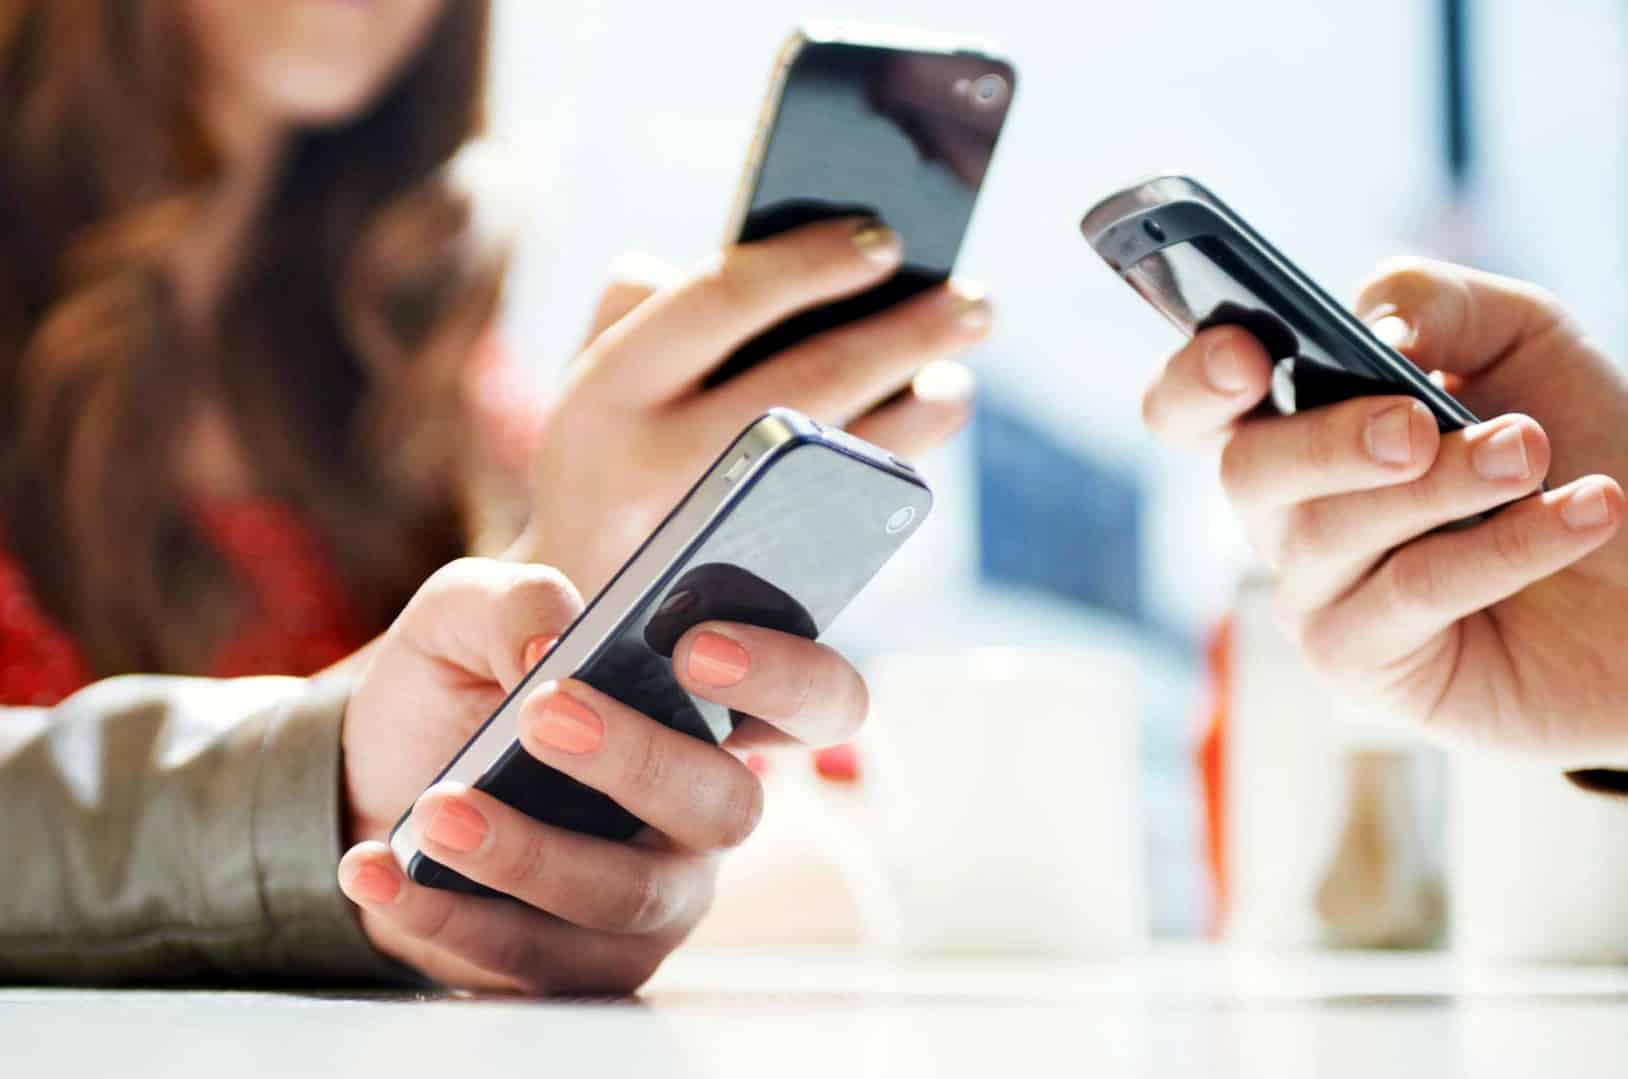 WOM dice que Entel y las otras compañías modifican los teléfonos contra ellos.